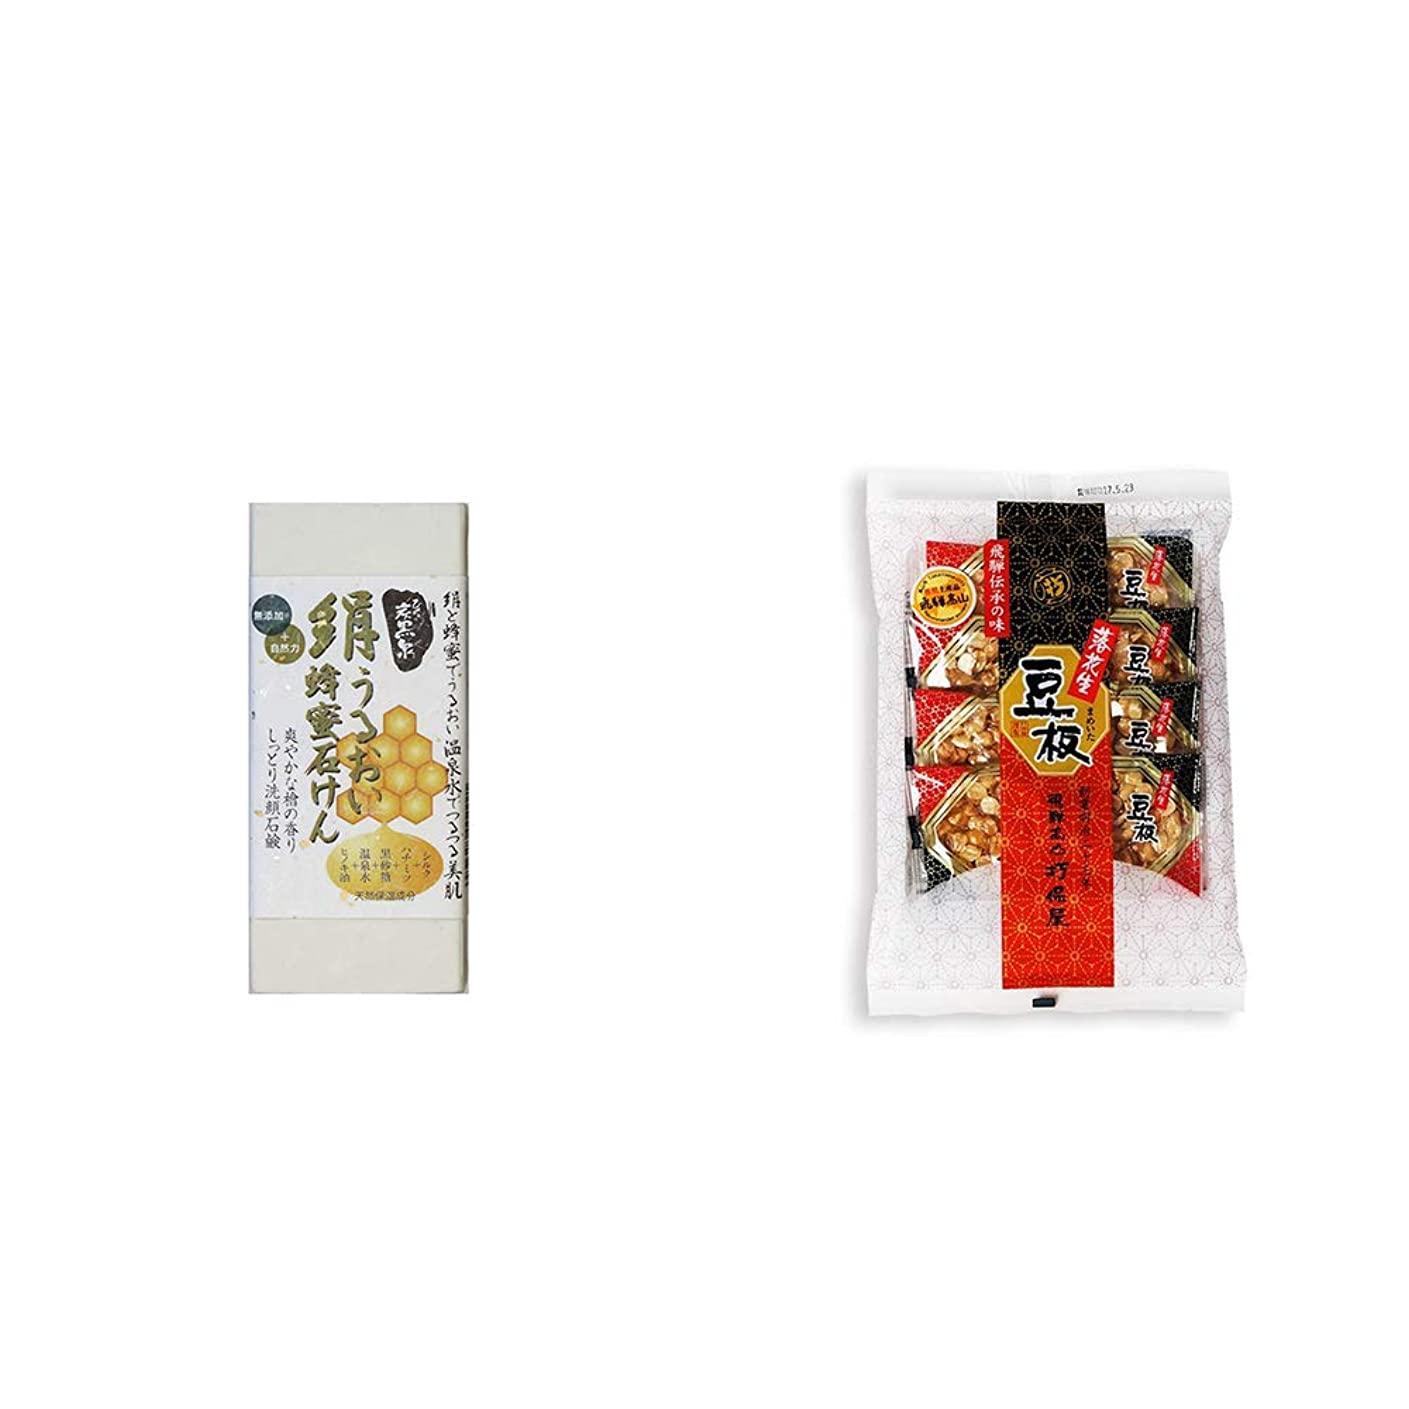 イタリック商業の人口[2点セット] ひのき炭黒泉 絹うるおい蜂蜜石けん(75g×2)?飛騨銘菓「打保屋」の駄菓子 豆板(8枚入)